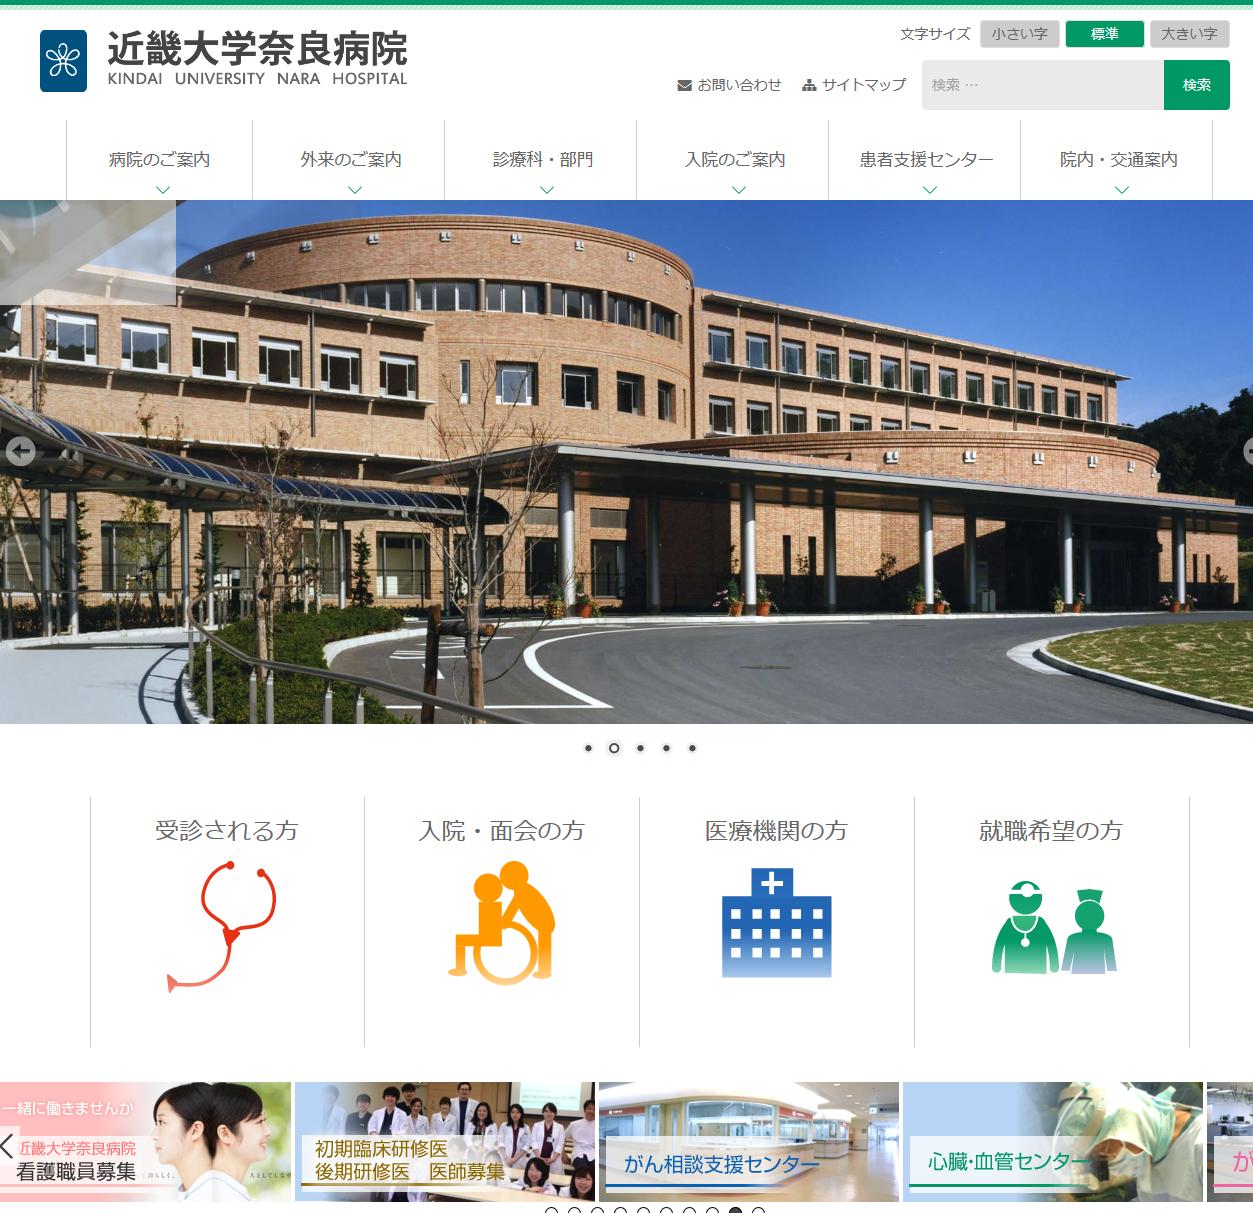 近畿大学奈良病院様